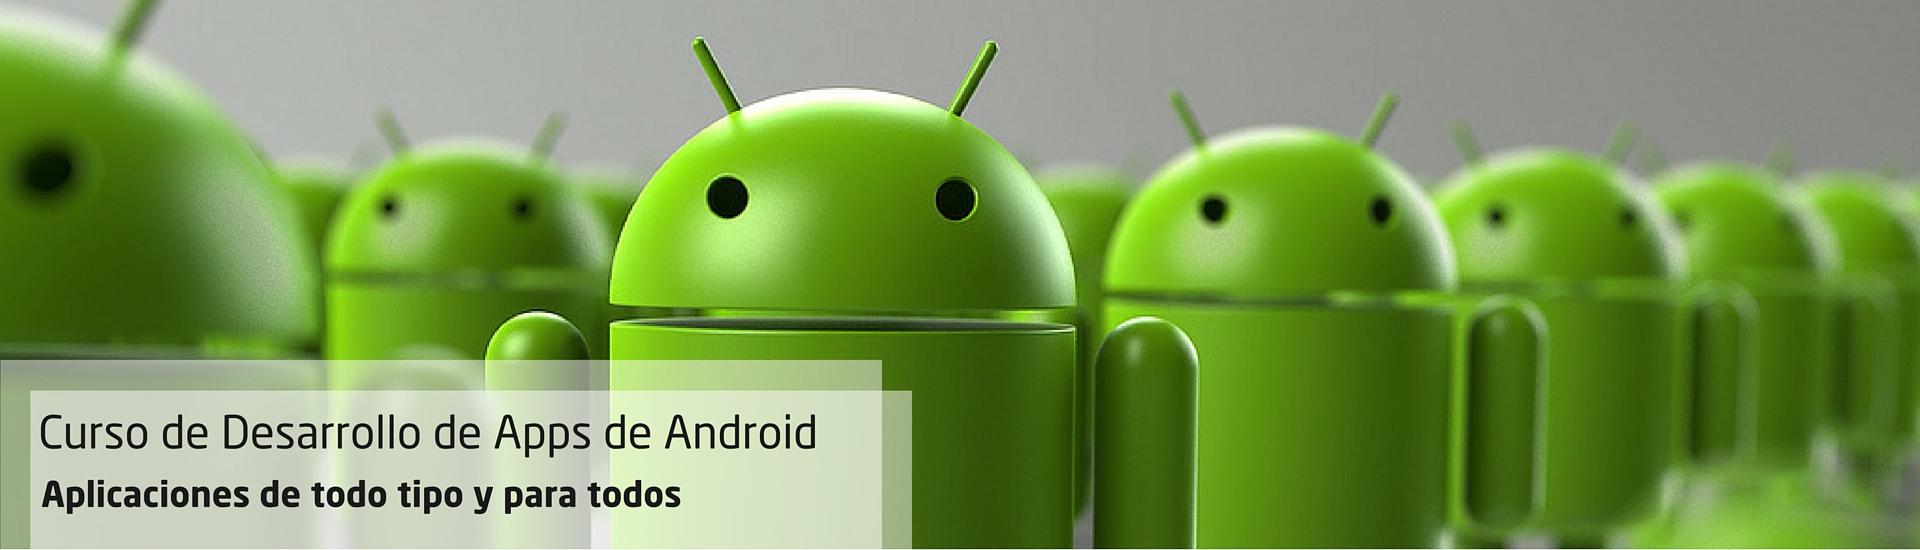 Curso de Desarrollo de Apps de Android. Aplicaciones de todo tipo y para todos.